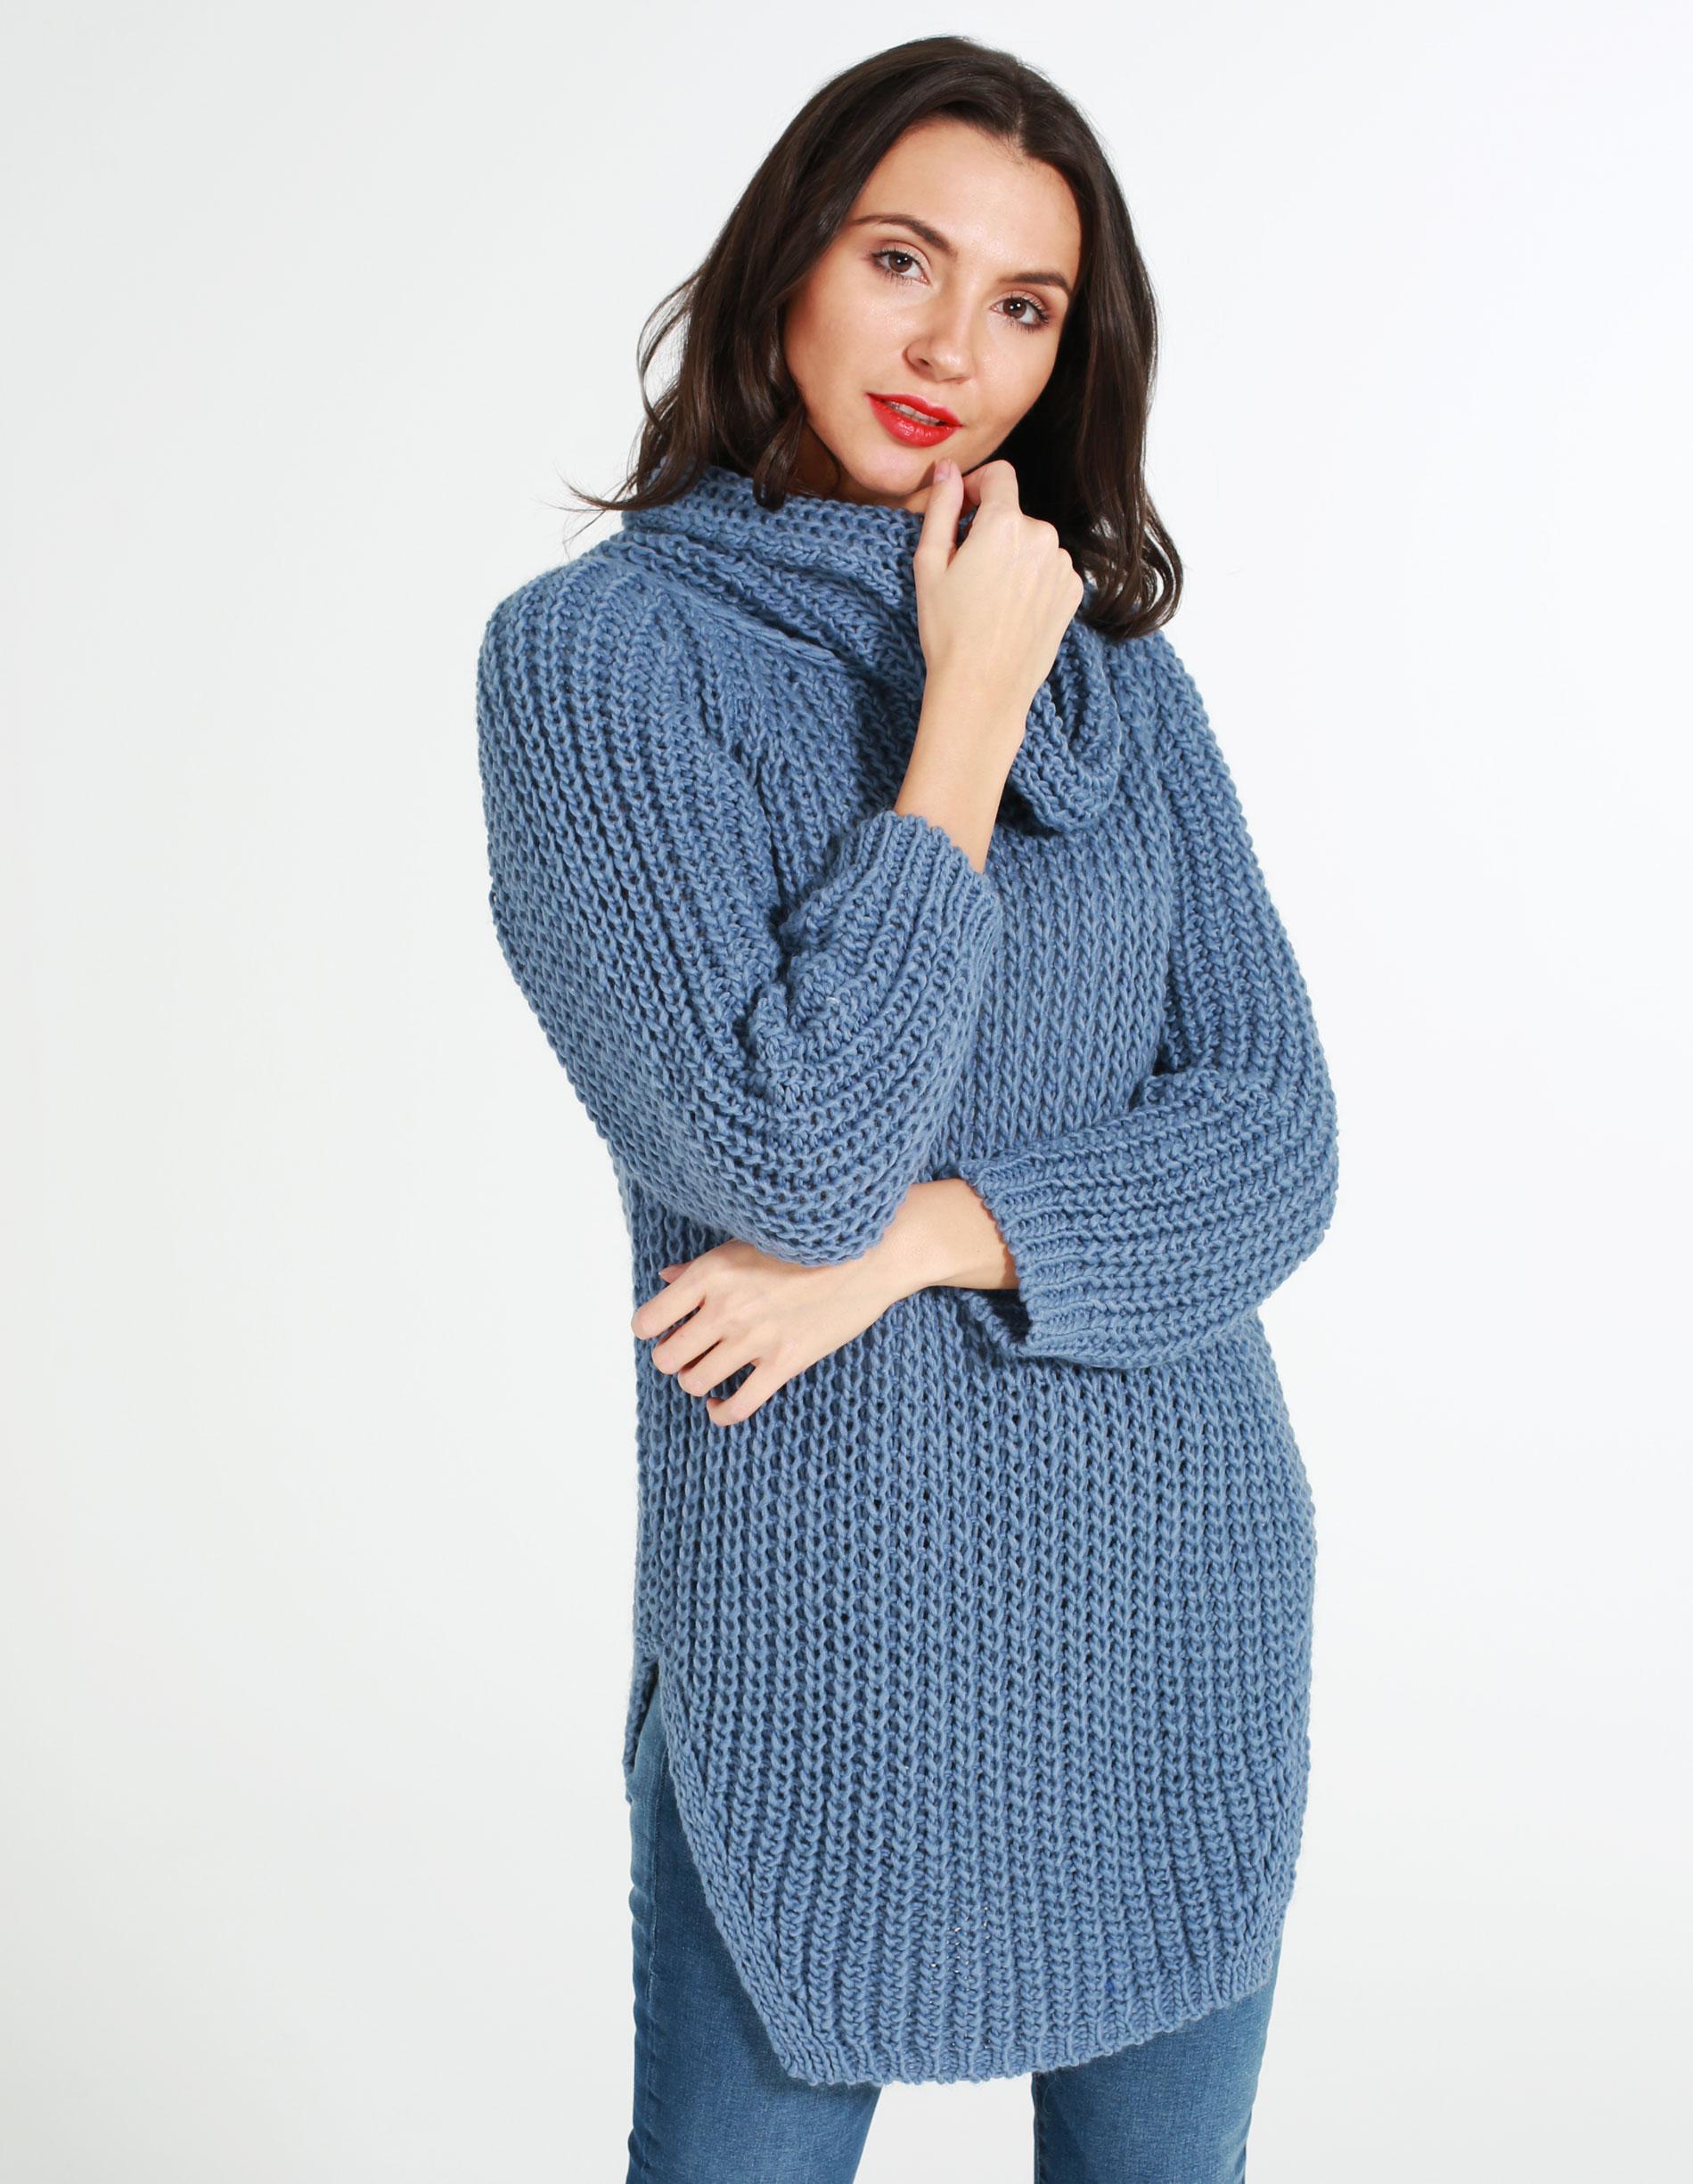 Sweter - 167-792 JEANS - Unisono